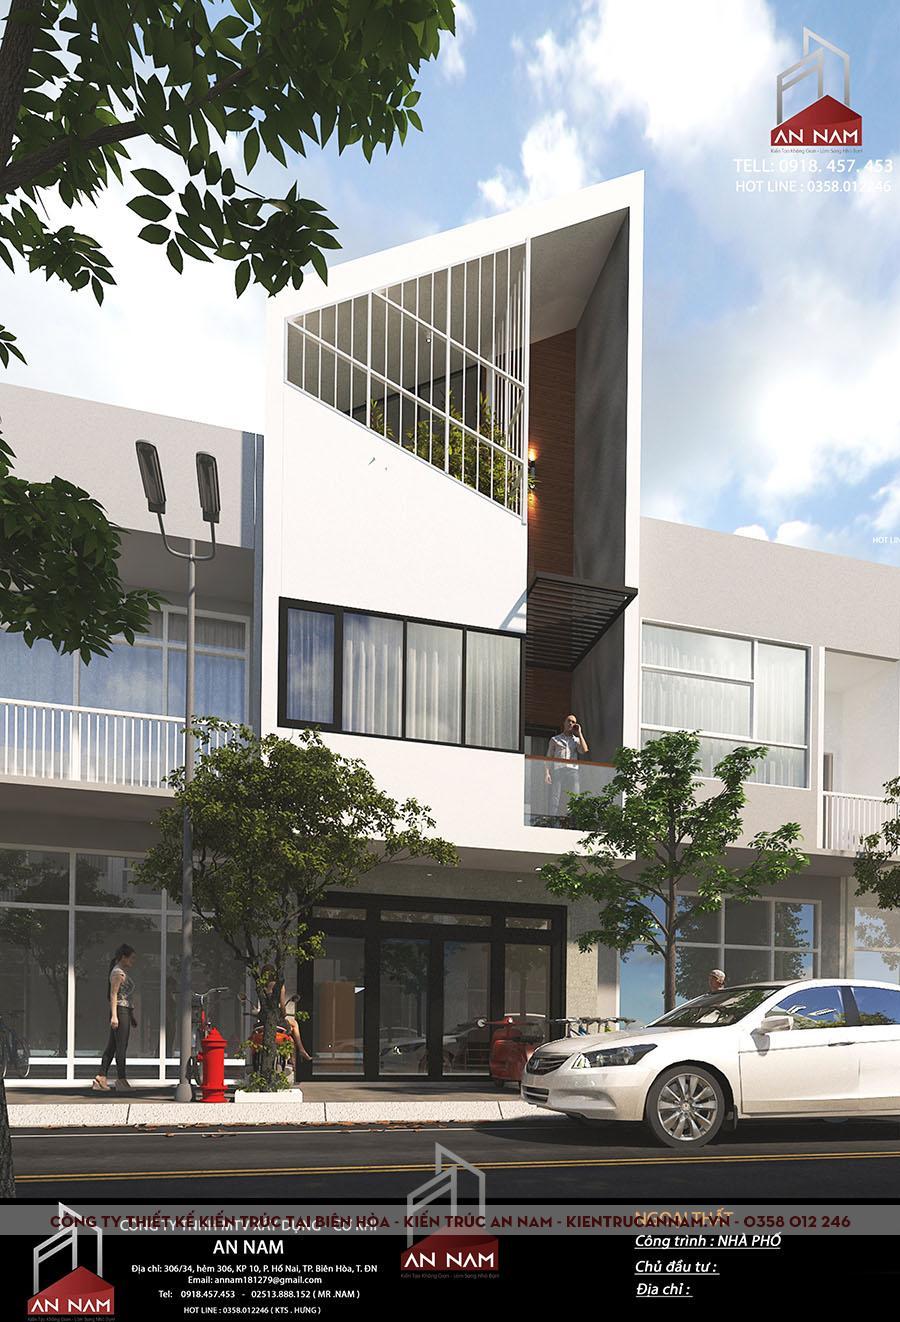 kiến trúc nhà phố 3 tầng Bình Dương đỉnh cao